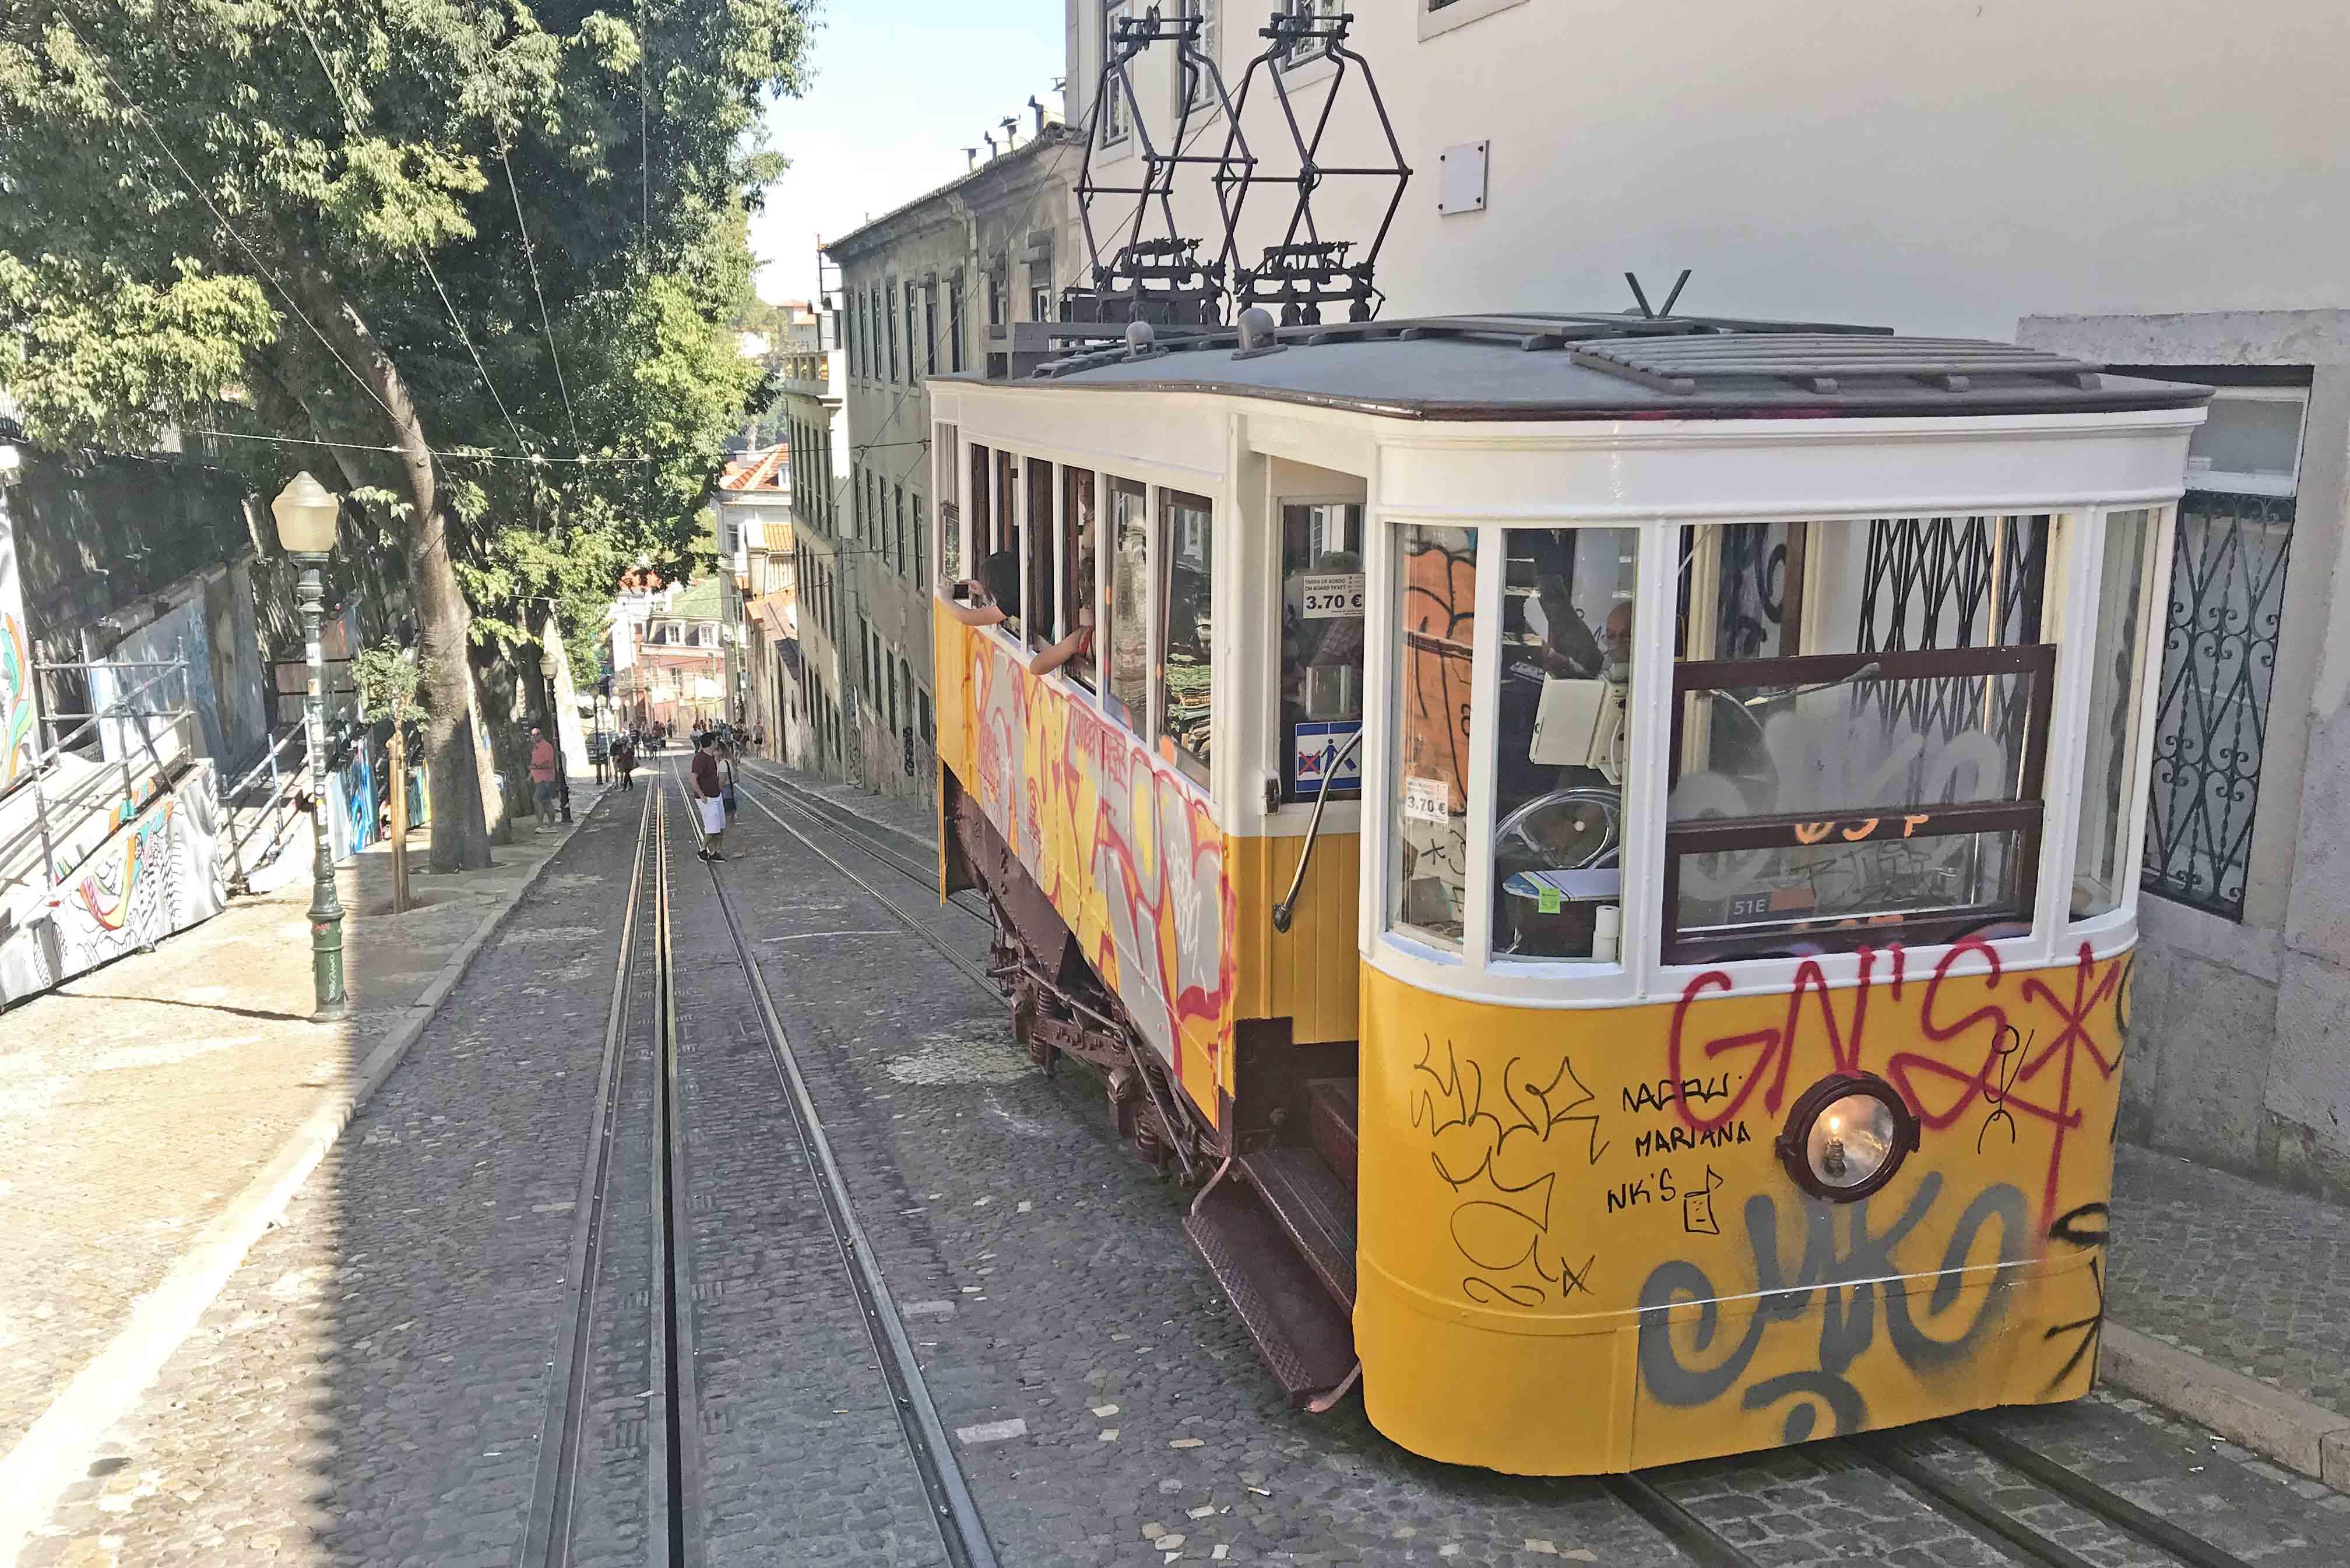 dicas de portugal - Ascensor da Glória - lisboa